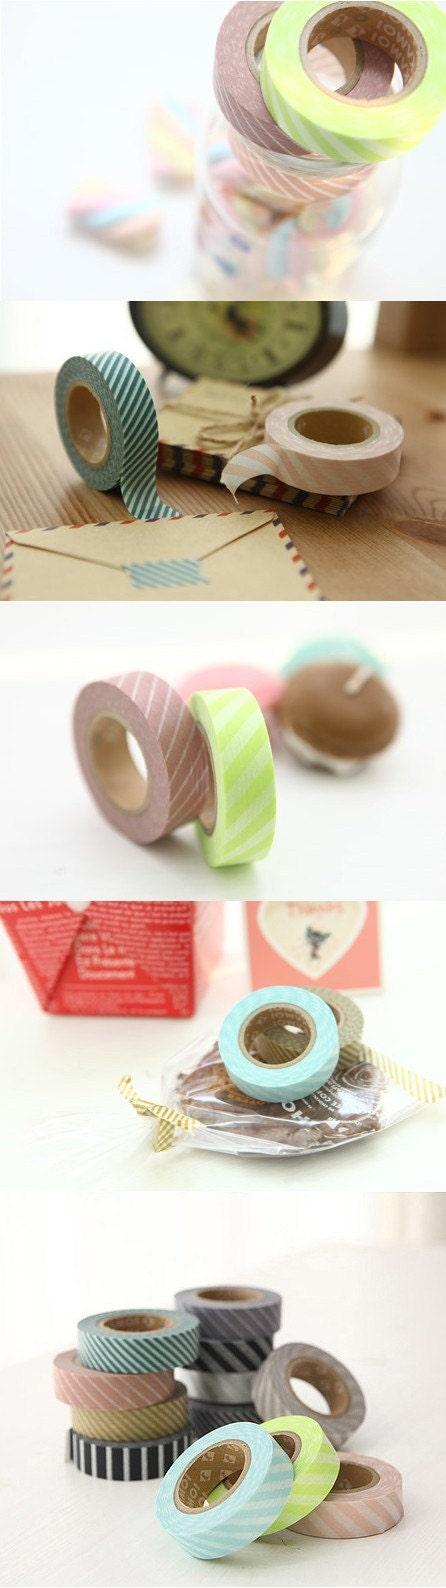 A set of 2 Japanese Washi Masking Tapes